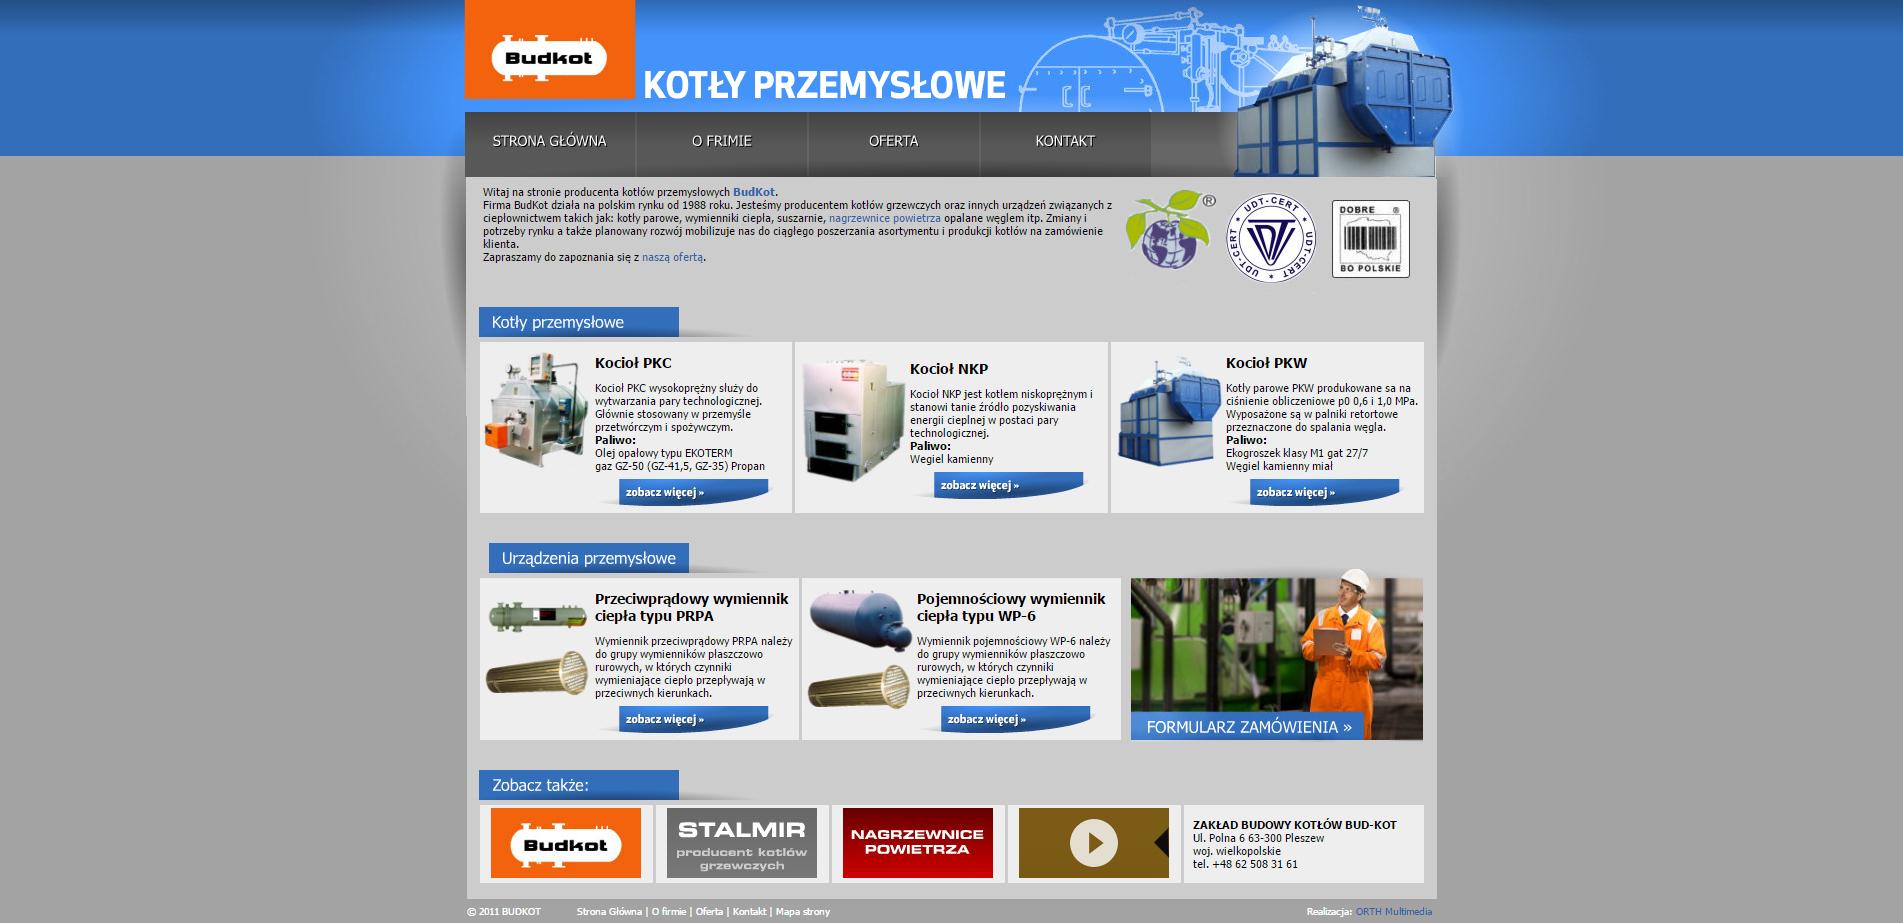 Kotly-Przemyslowe.pl